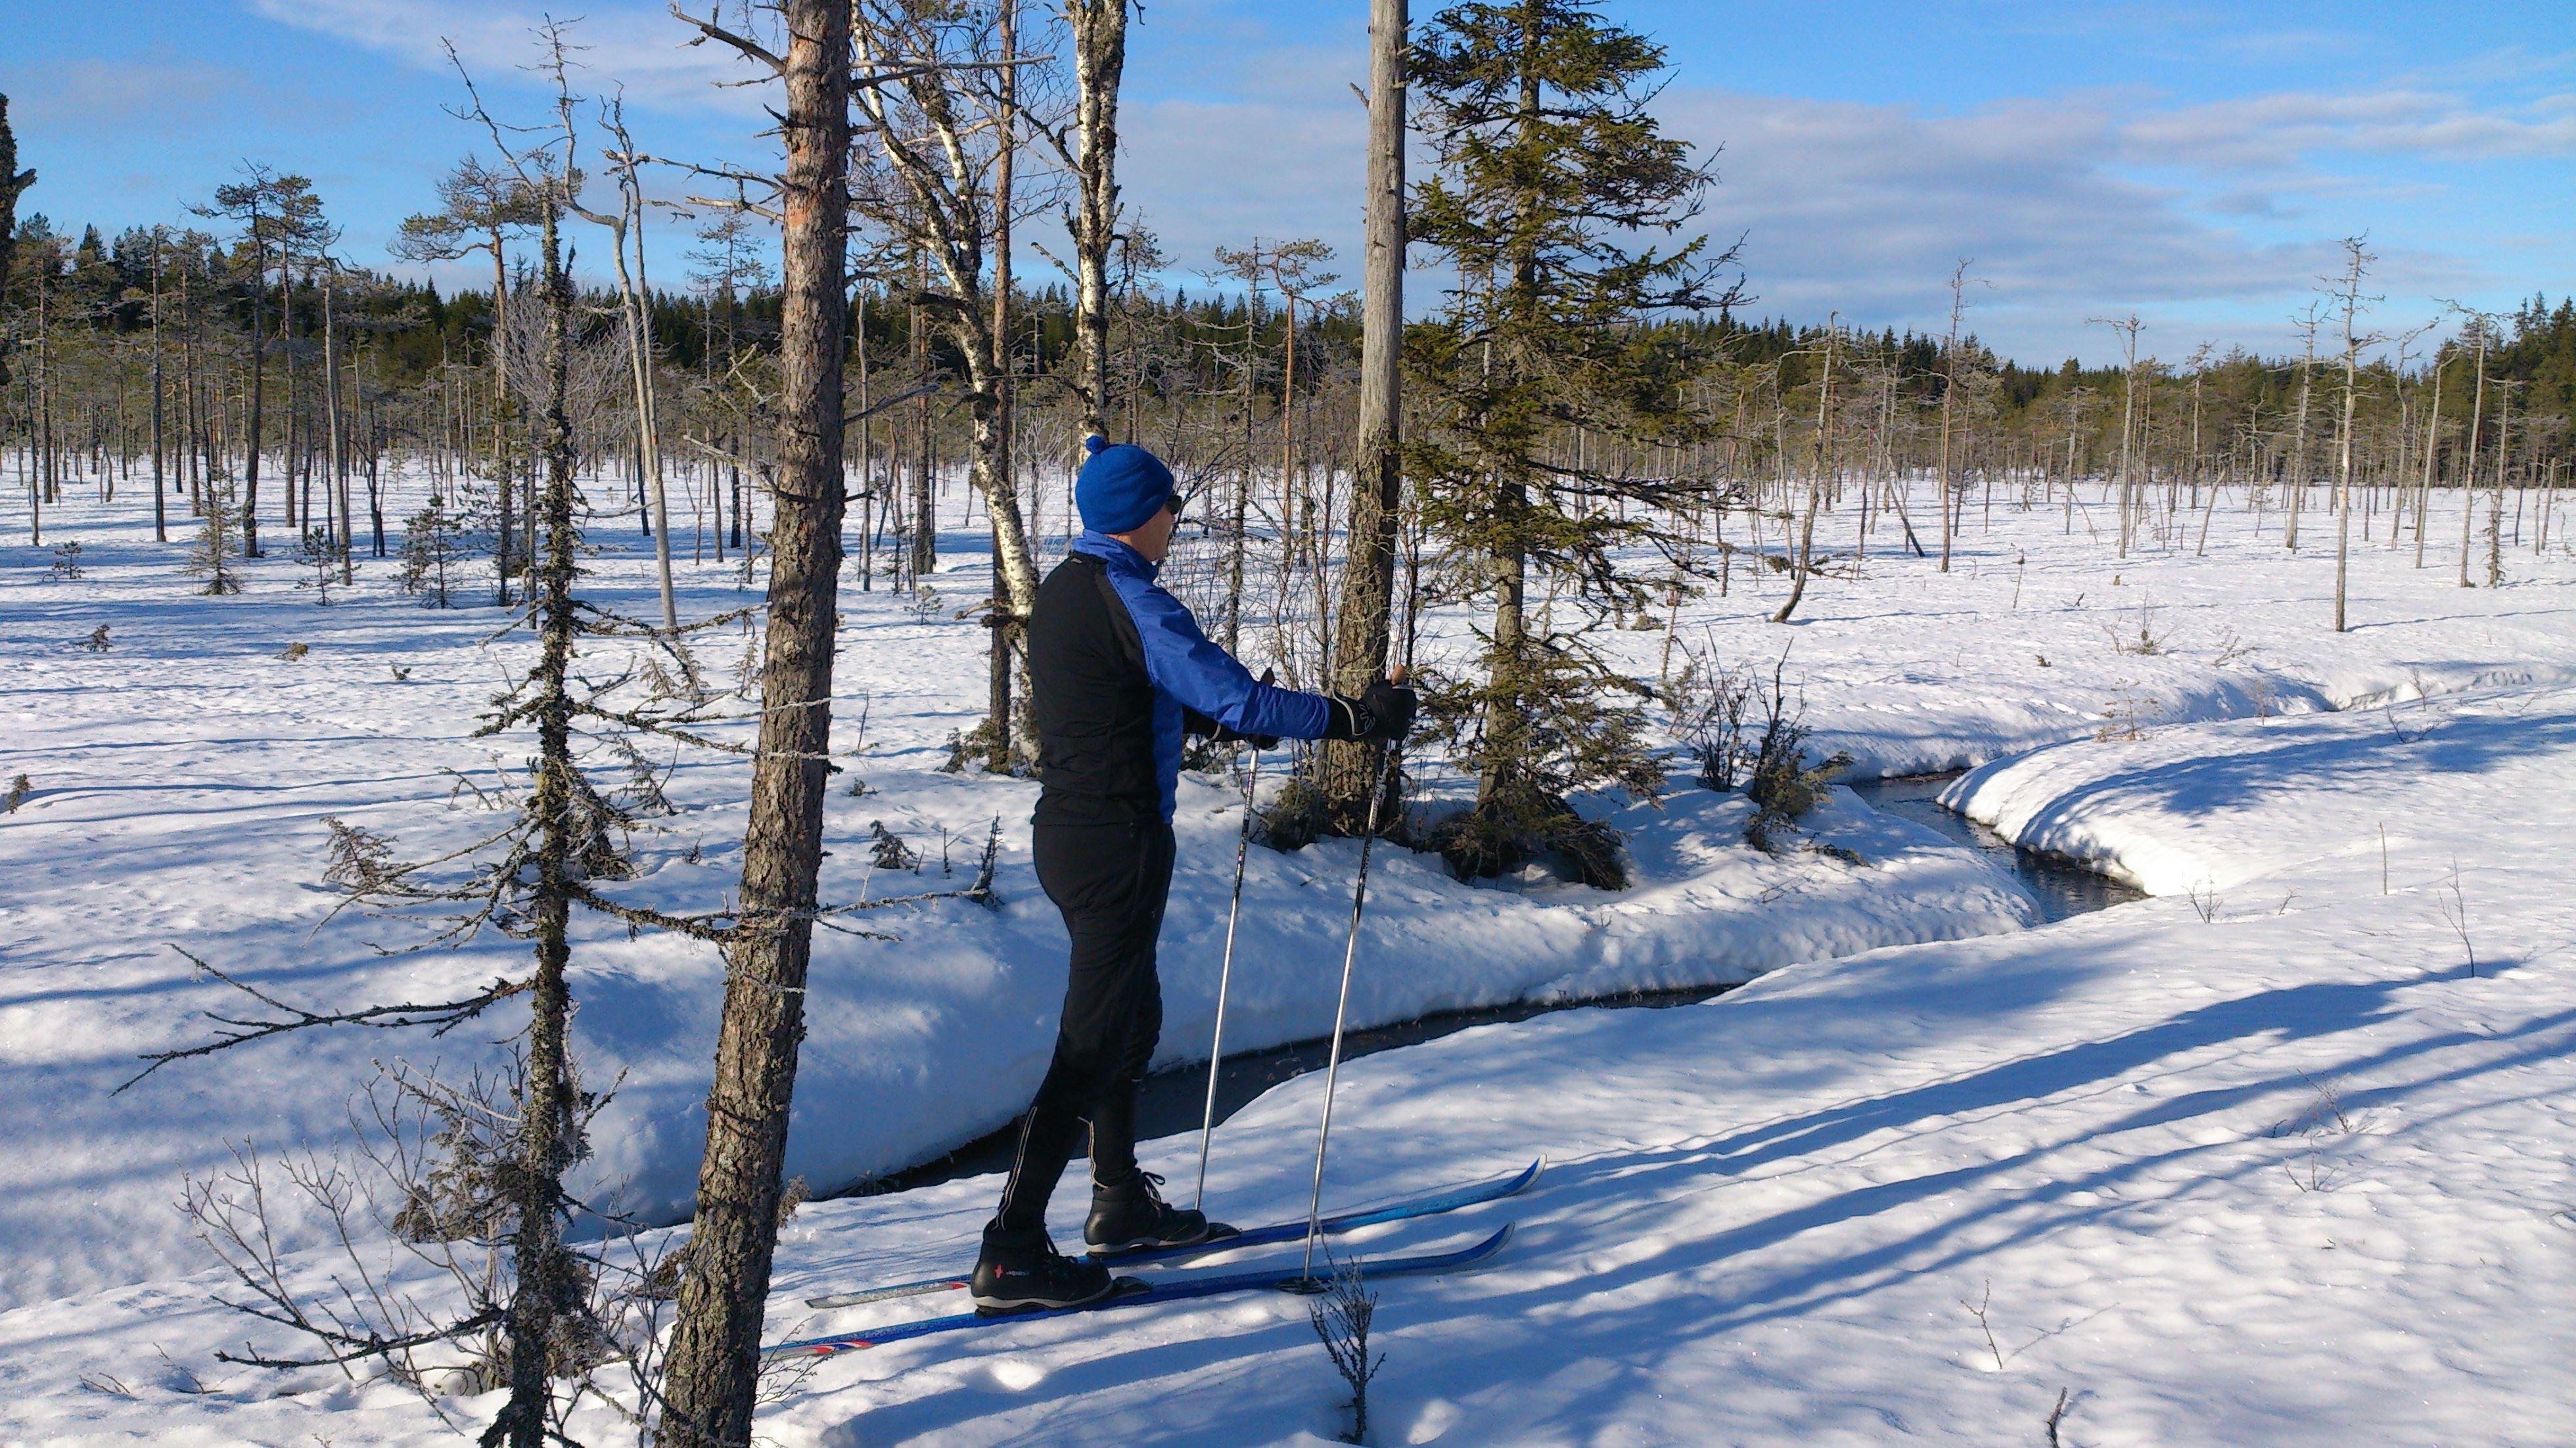 Rakt ut i snön - Familjetur i spännande och vackra omgivningar